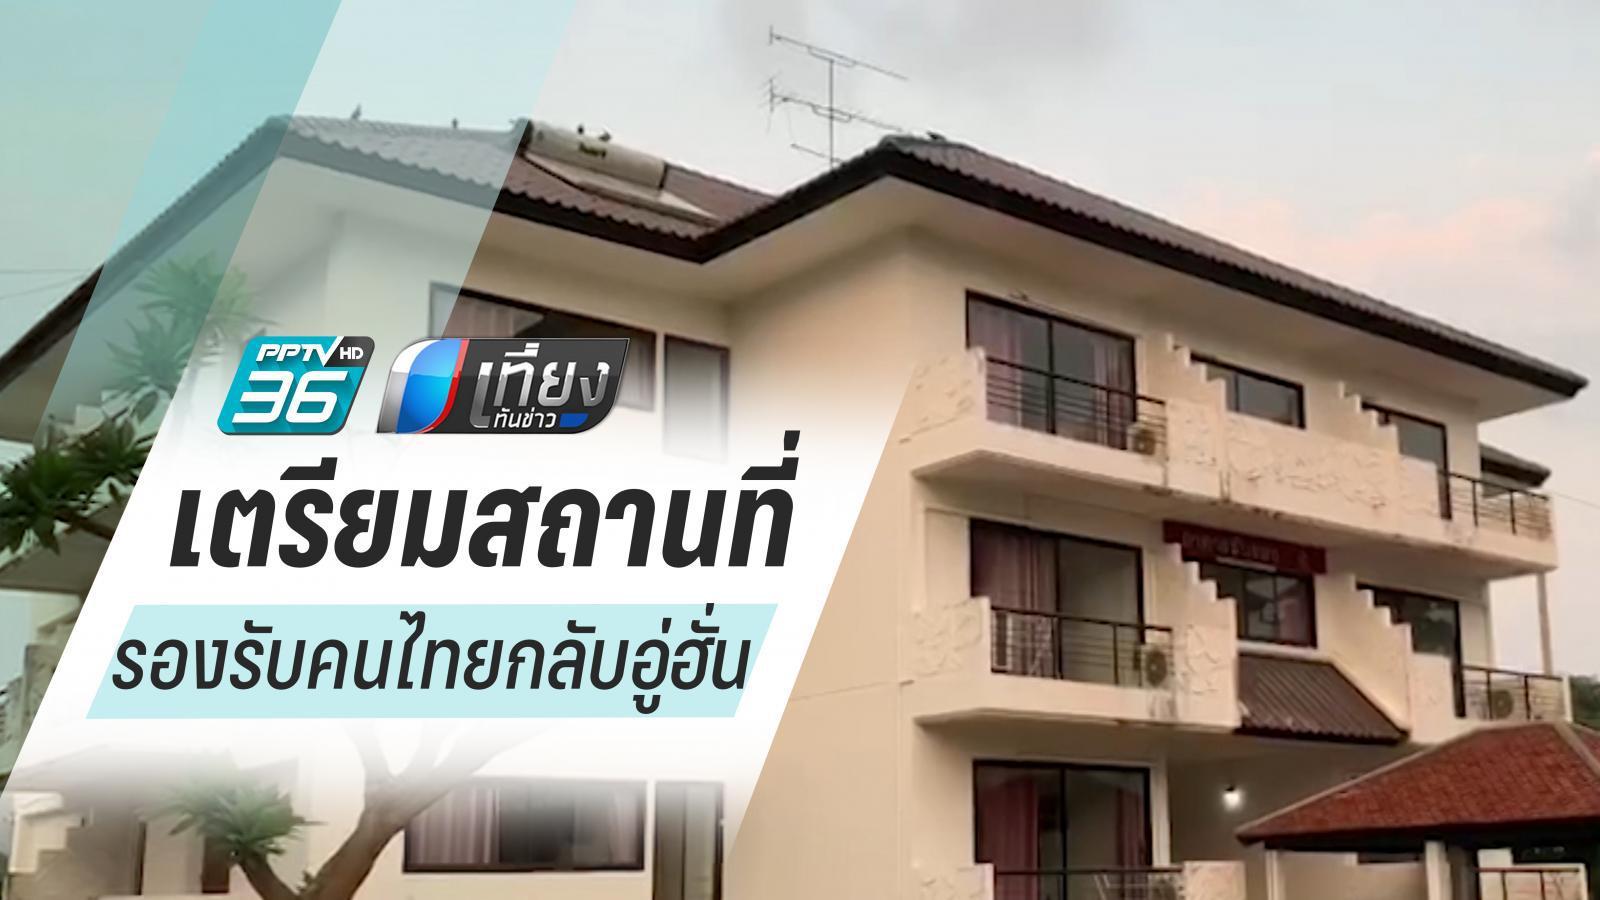 ทร.เตรียมสถานที่เฝ้าสังเกตอาการ 142 คนไทย หลังกลับจากอู่ฮั่น